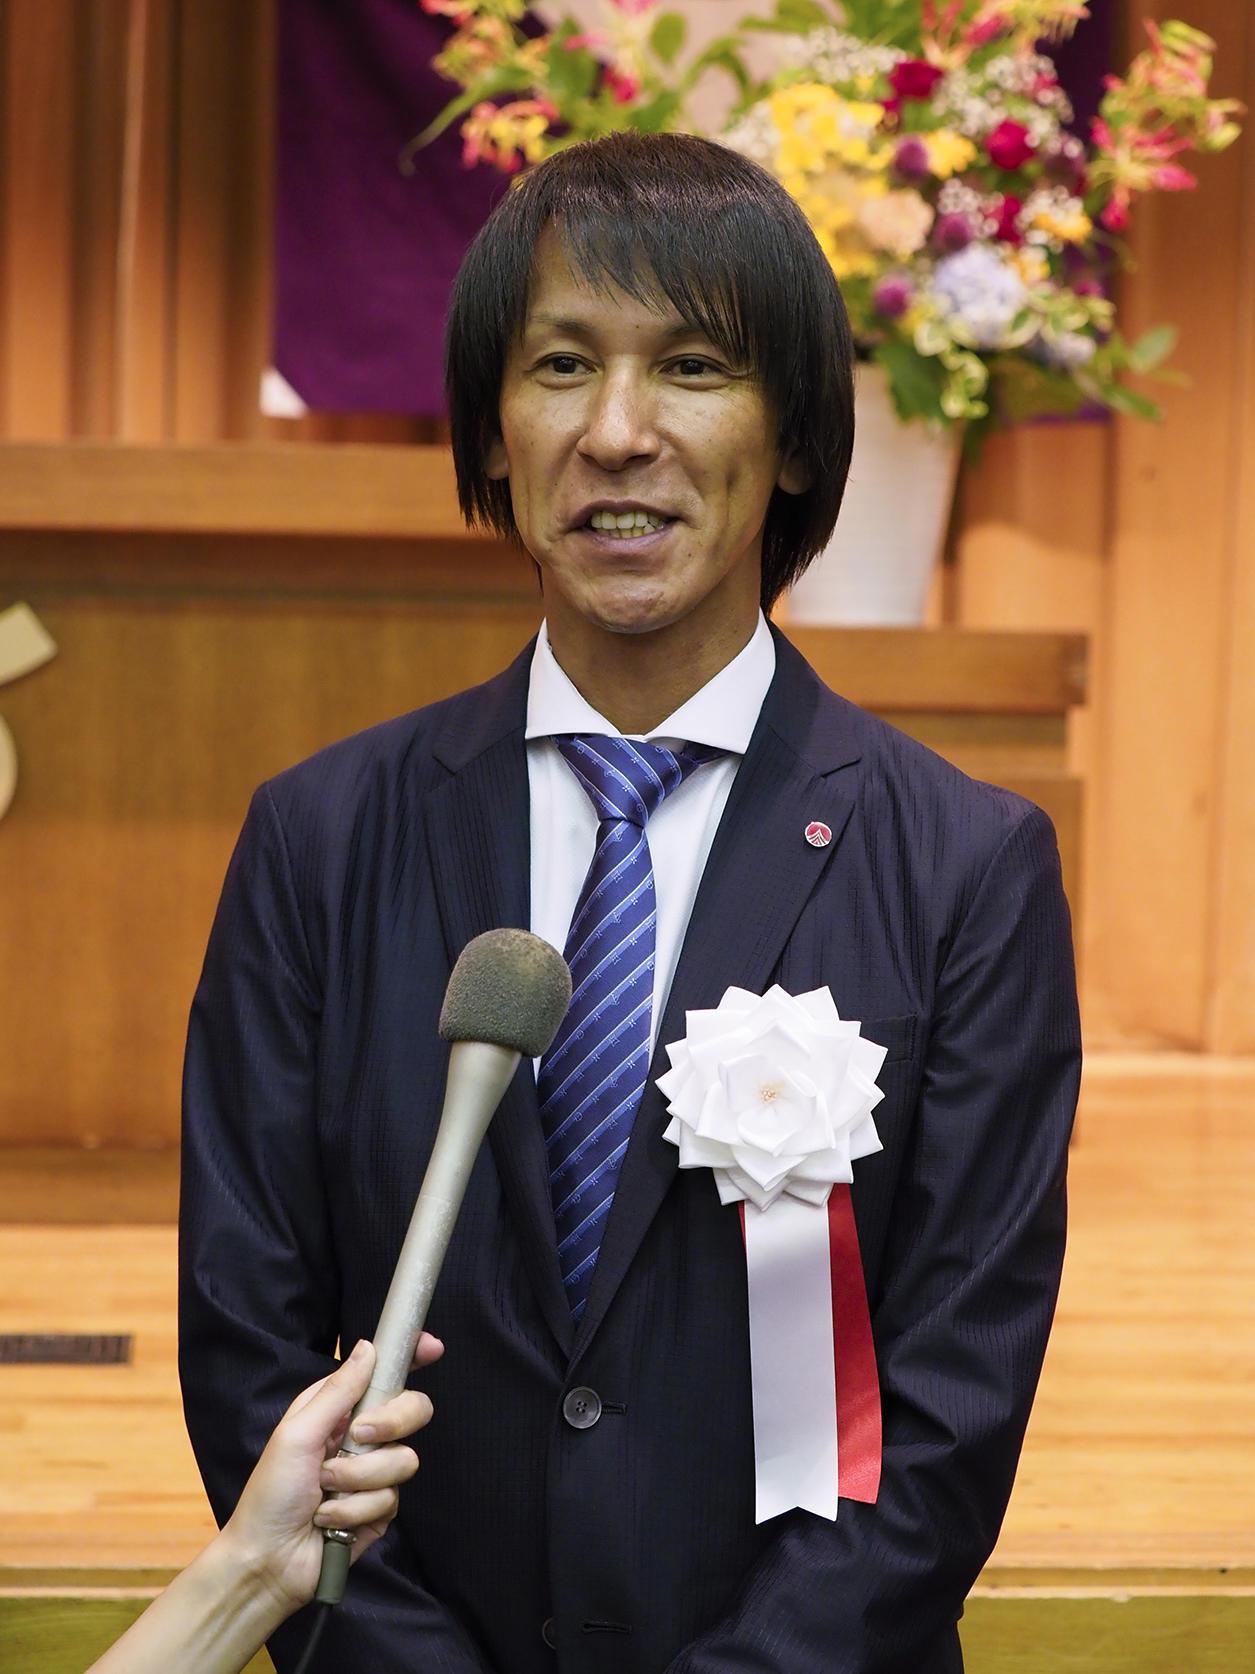 http://news.yoshimoto.co.jp/20180728172907-4458feff6db3575cde5ba22c18f5f71bf5da55d9.jpg